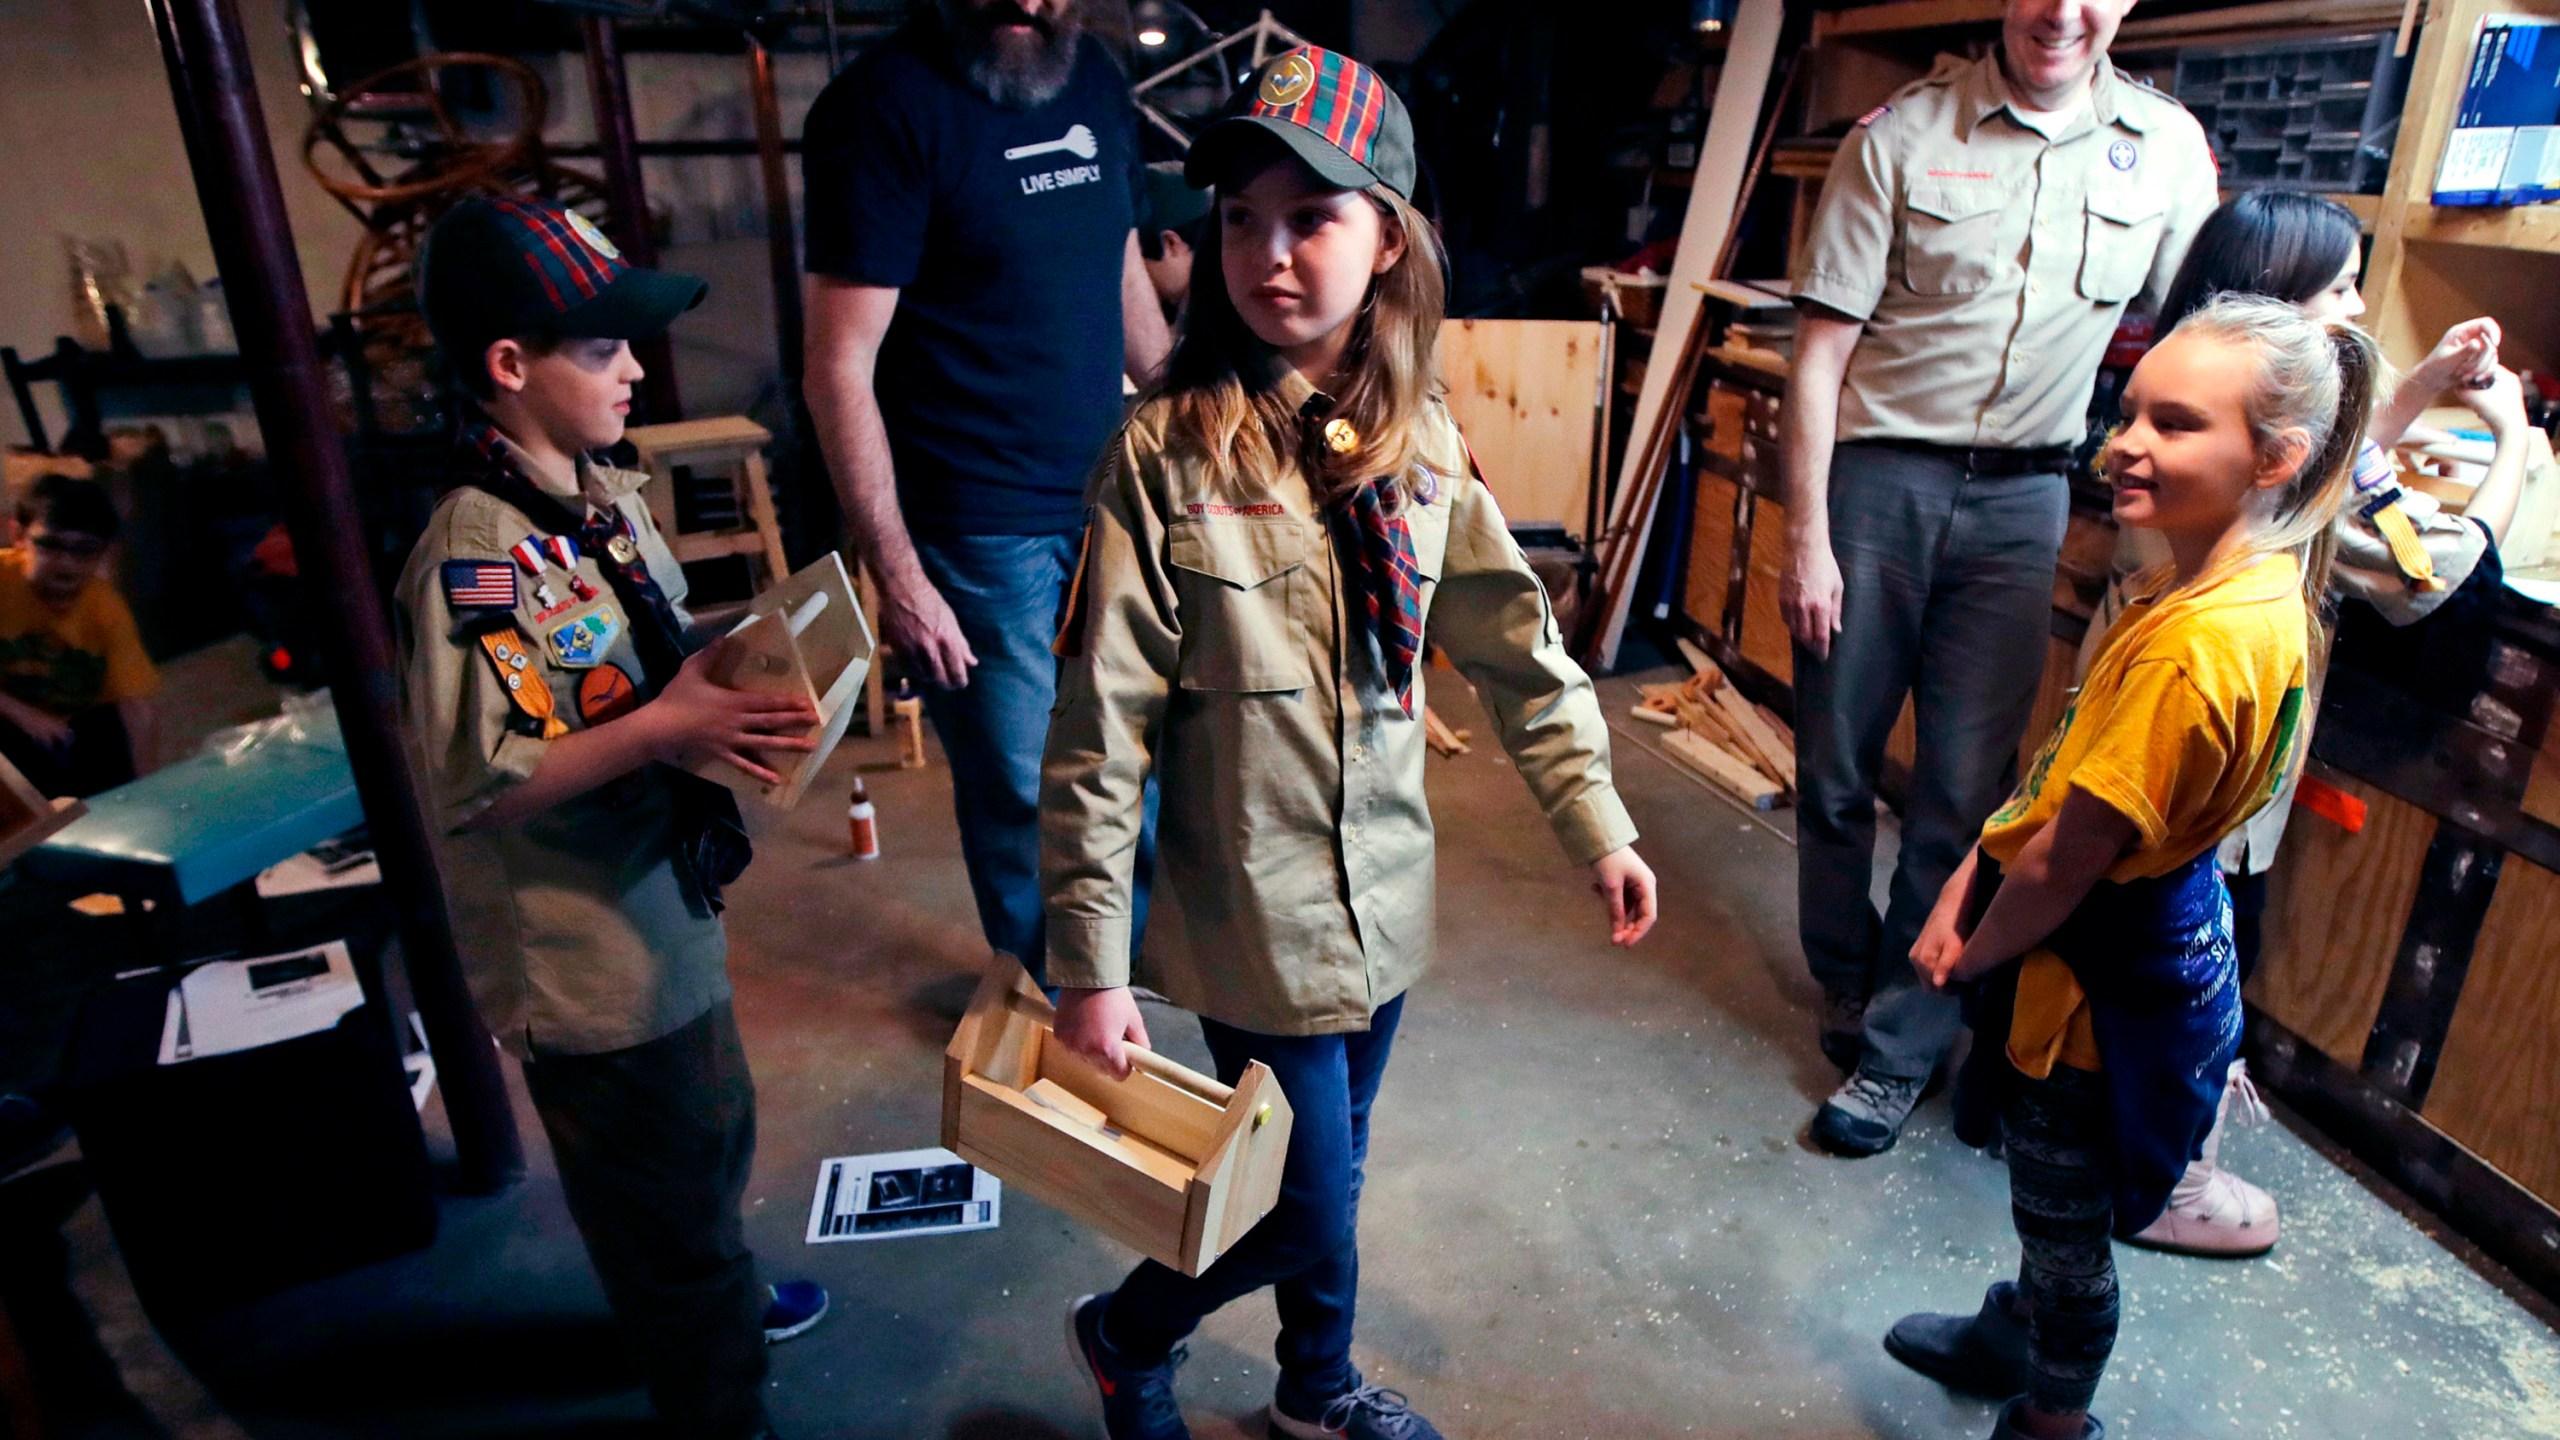 Boy_Scouts_Name_Change_93541-159532.jpg62783001